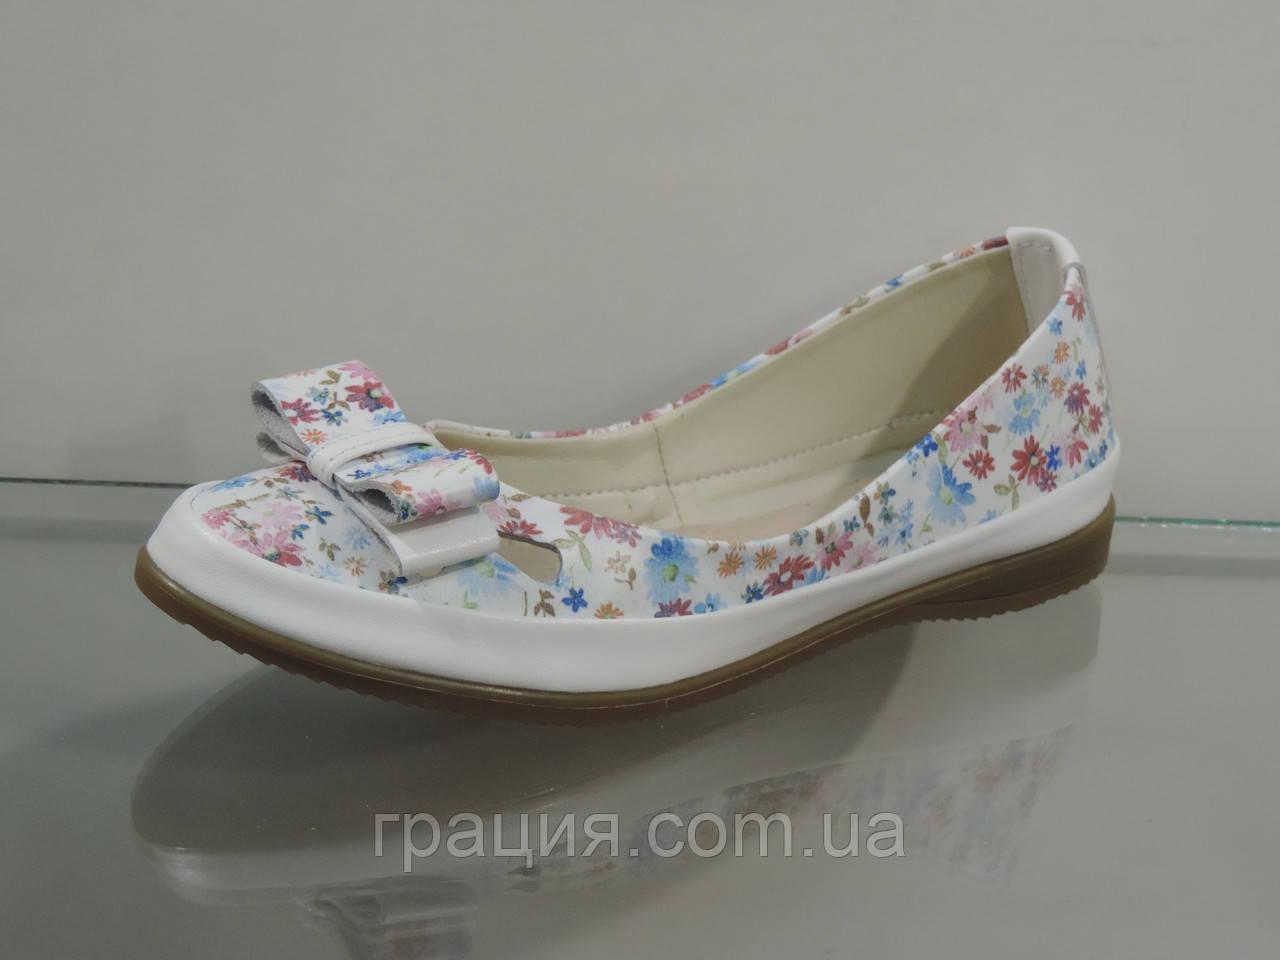 Туфли женские кожаные мягкие в цветочек